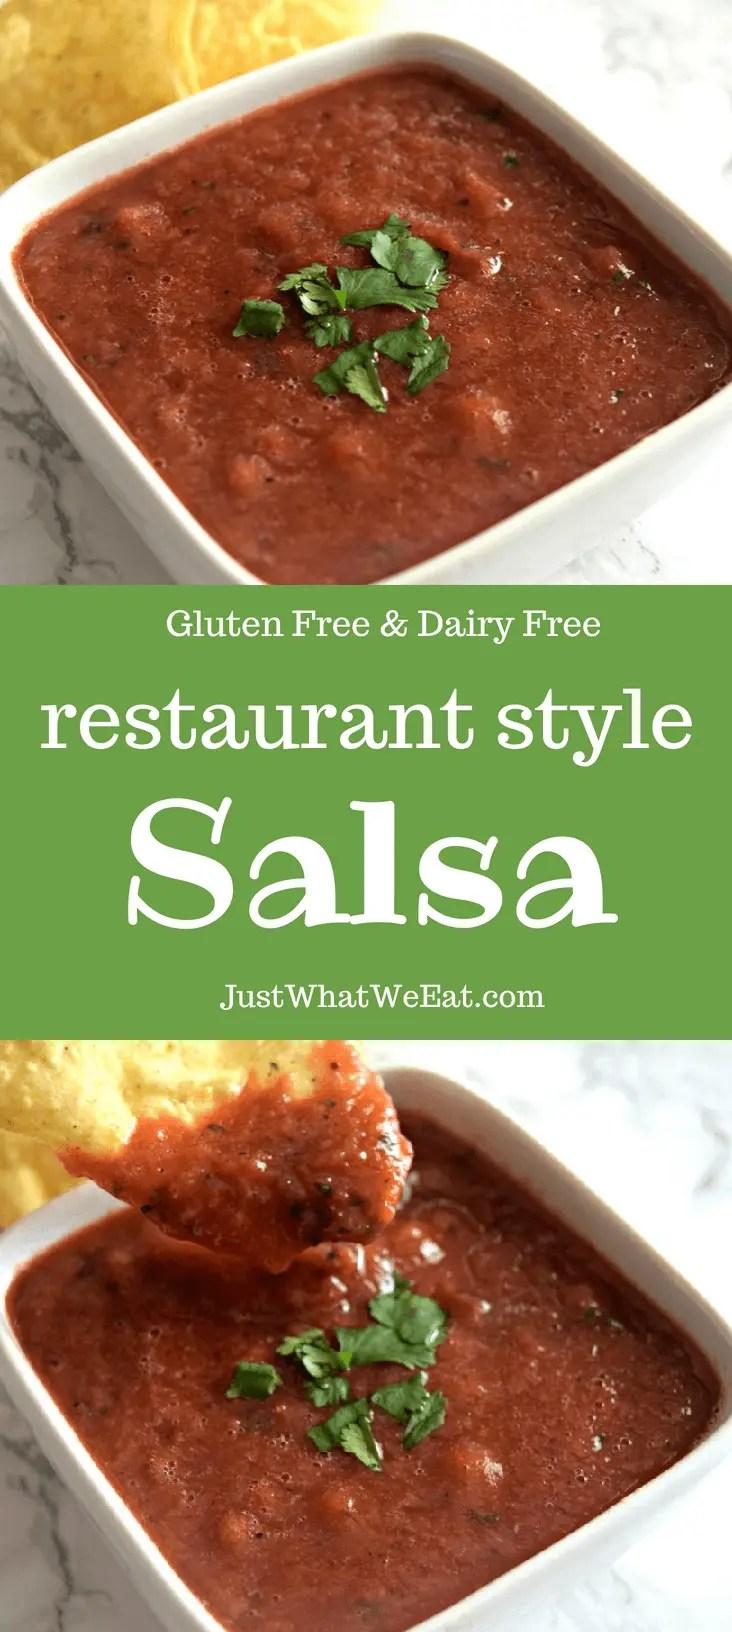 Restaurant Style Salsa - Gluten Free & Dairy Free